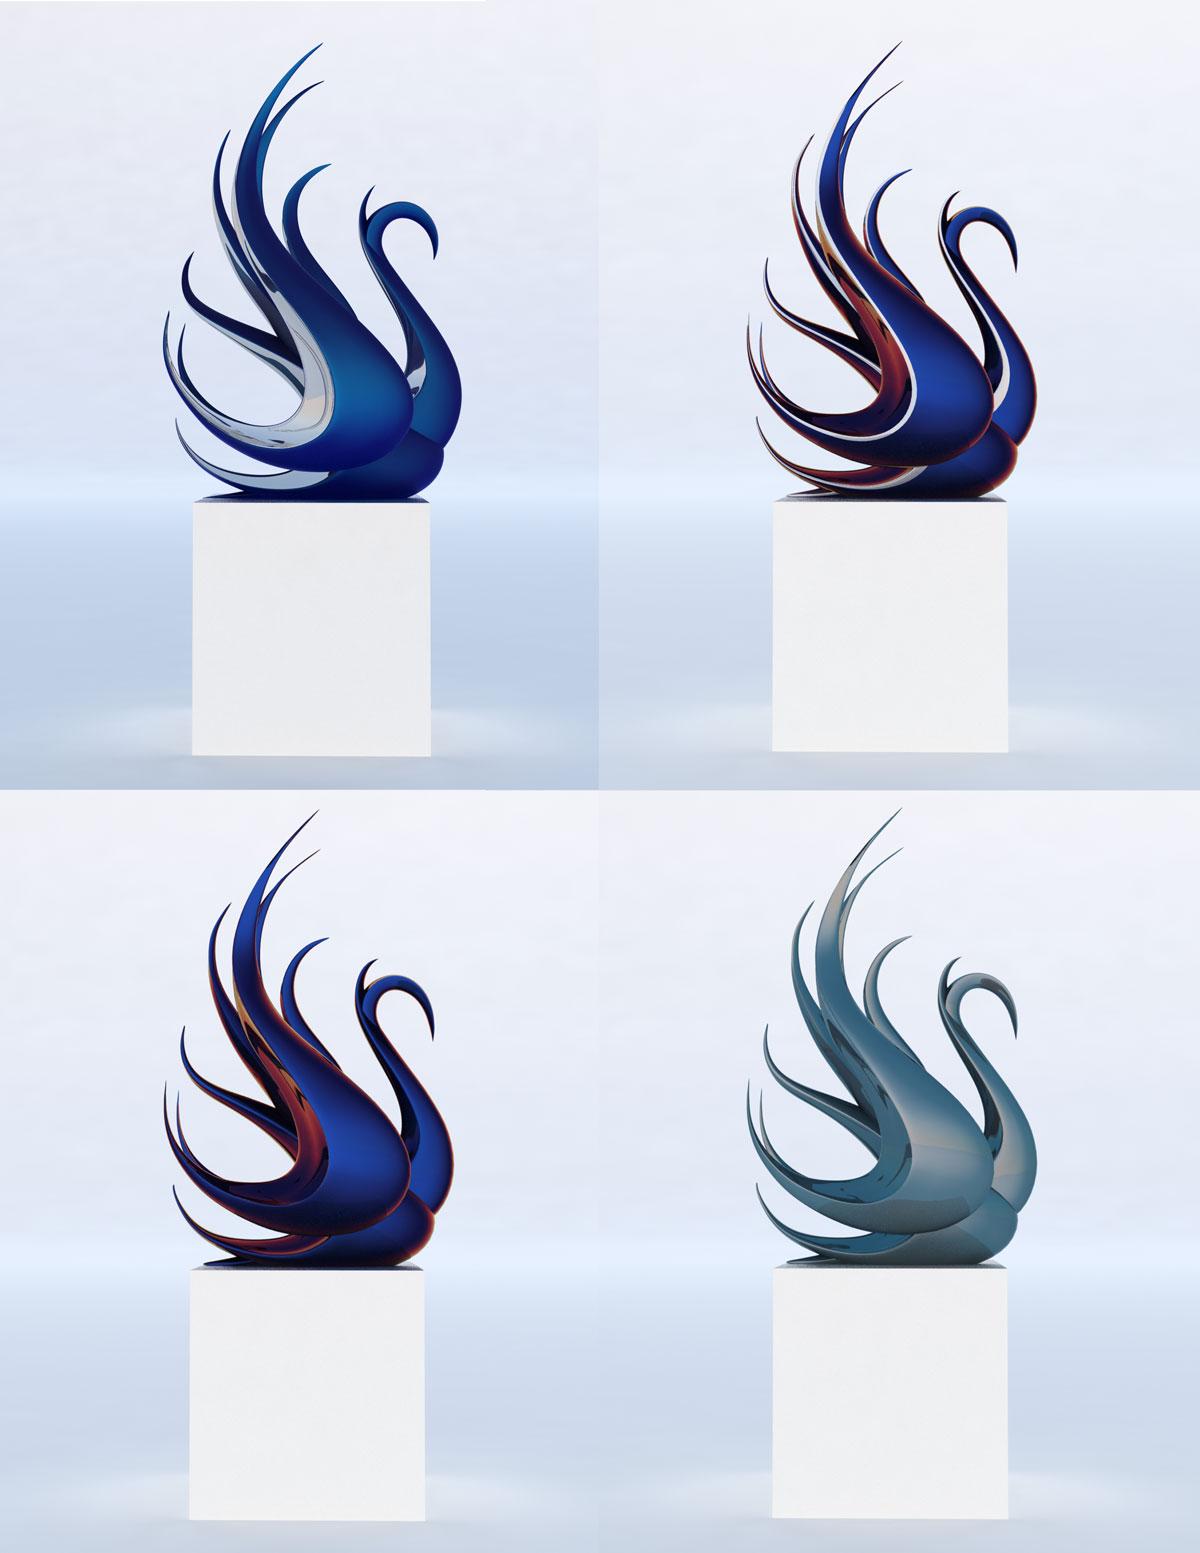 Swan Modern Sculpture - Contemporary Public Art